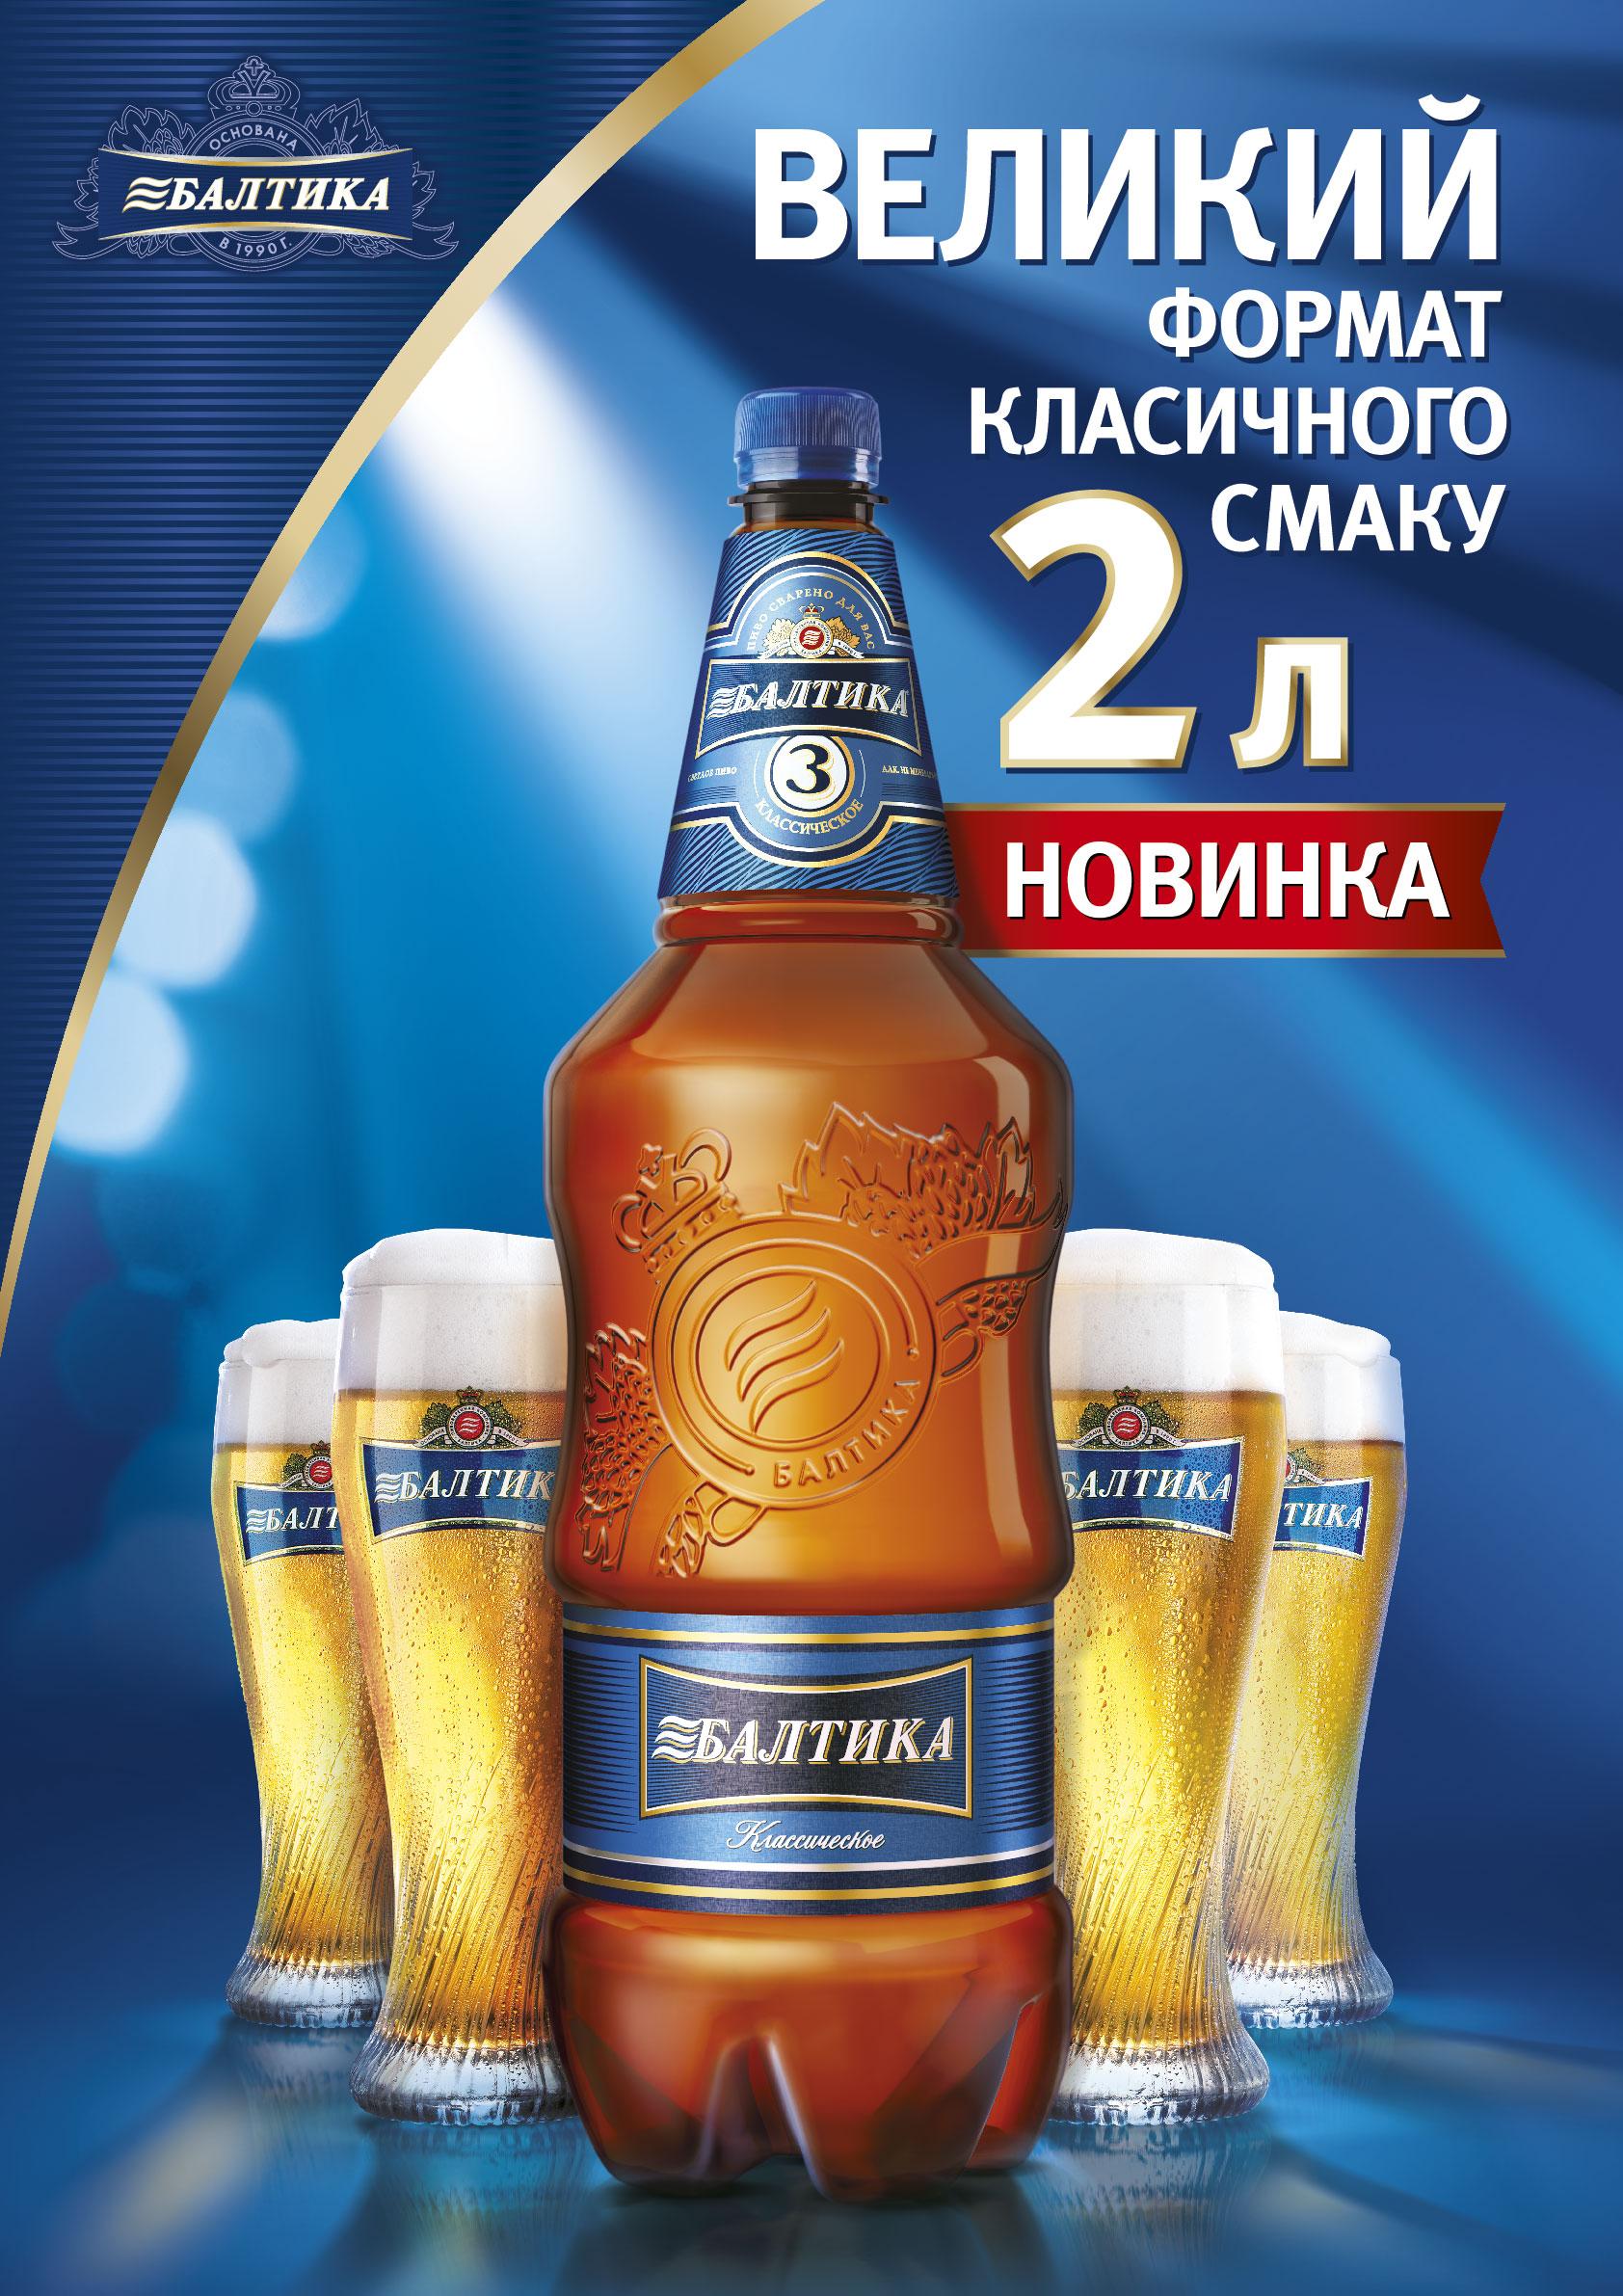 Фото: «Балтика №3» в новом удобном и выгодном формате — пластиковой бутылке объемом 2 литра.